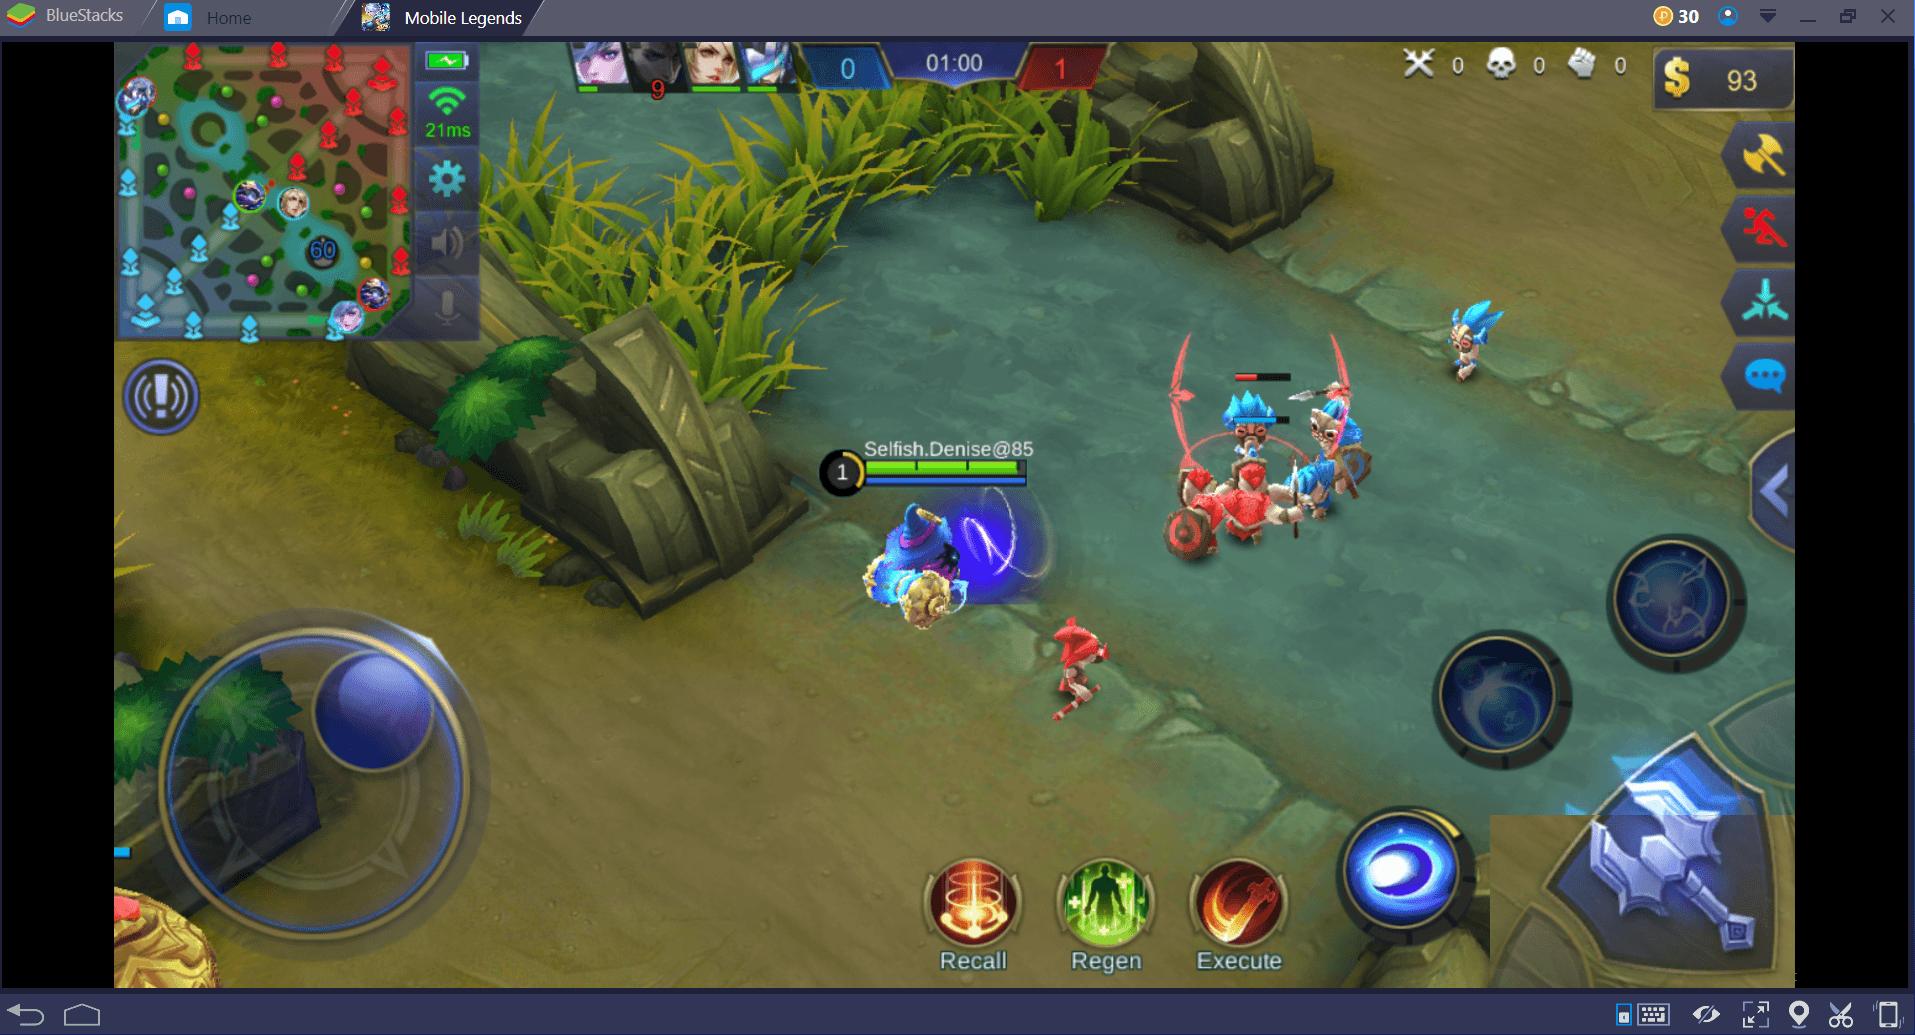 كيفية إتقان مرحلة الممر الأوسط في لعبة Mobile Legends: Bang Bang